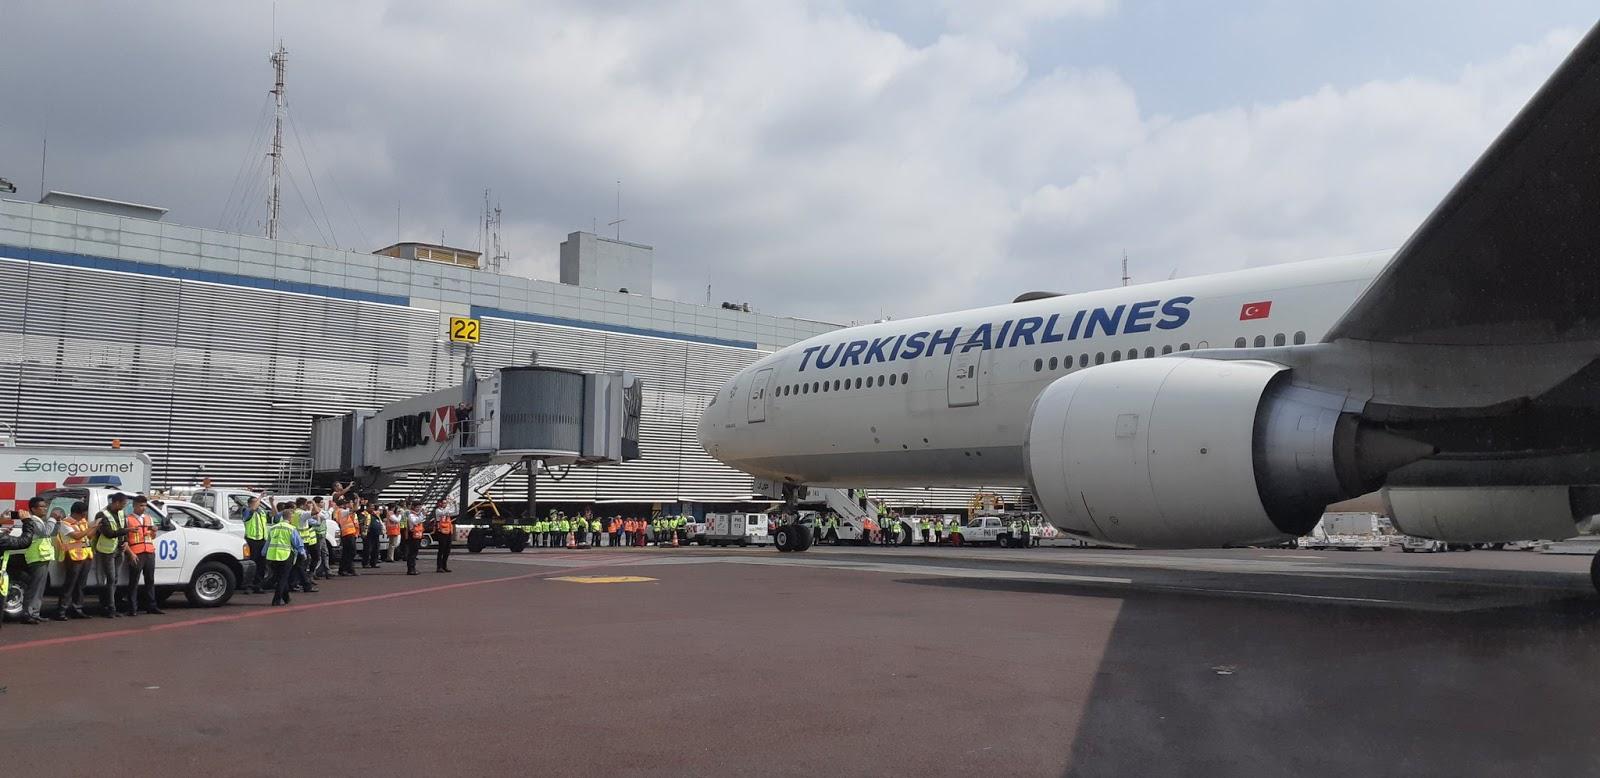 TURKISH-AIRLINES-NUEVO-VUELO-CDMX-1